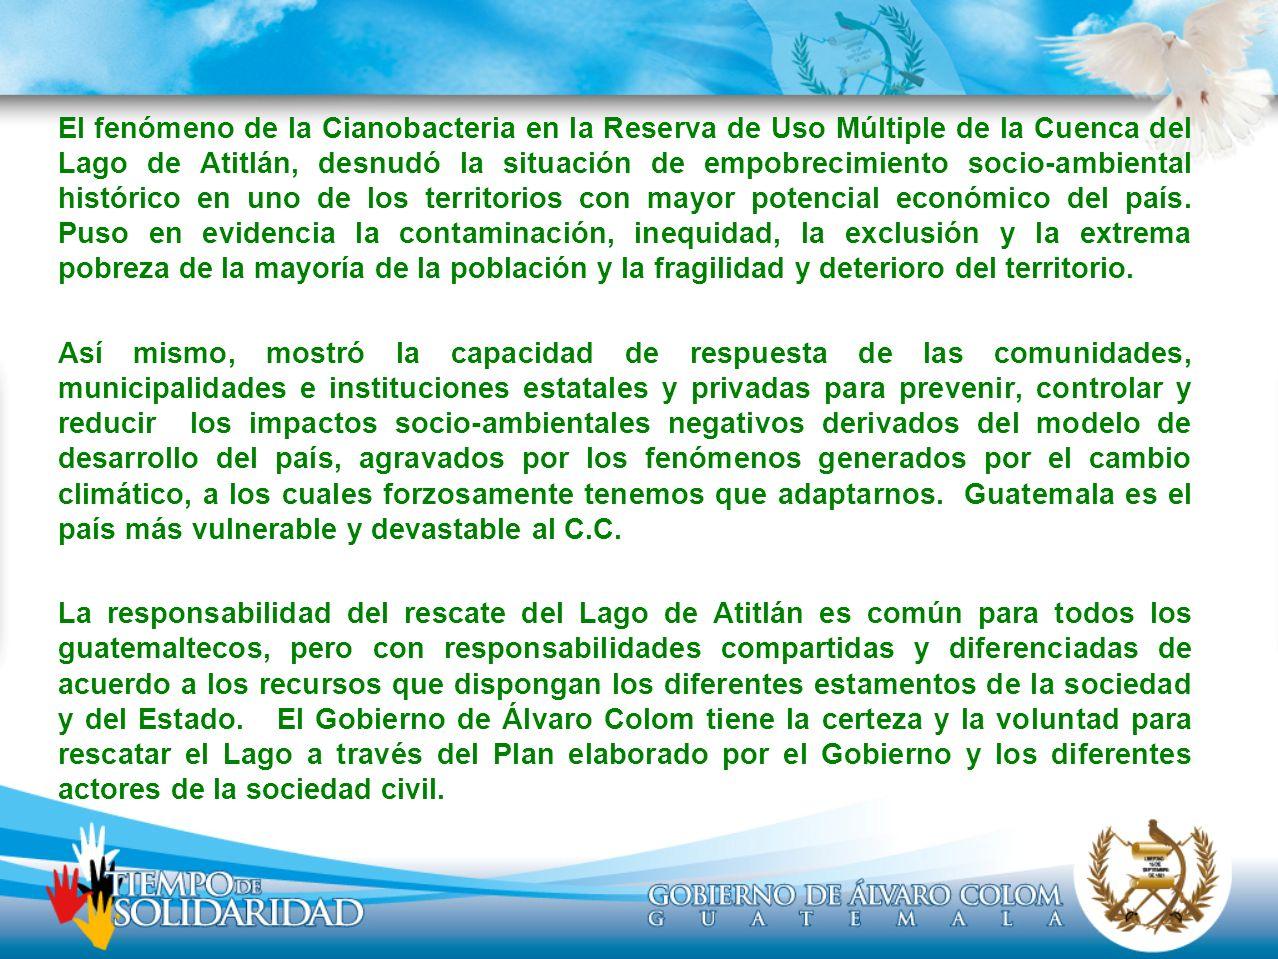 El fenómeno de la Cianobacteria en la Reserva de Uso Múltiple de la Cuenca del Lago de Atitlán, desnudó la situación de empobrecimiento socio-ambienta